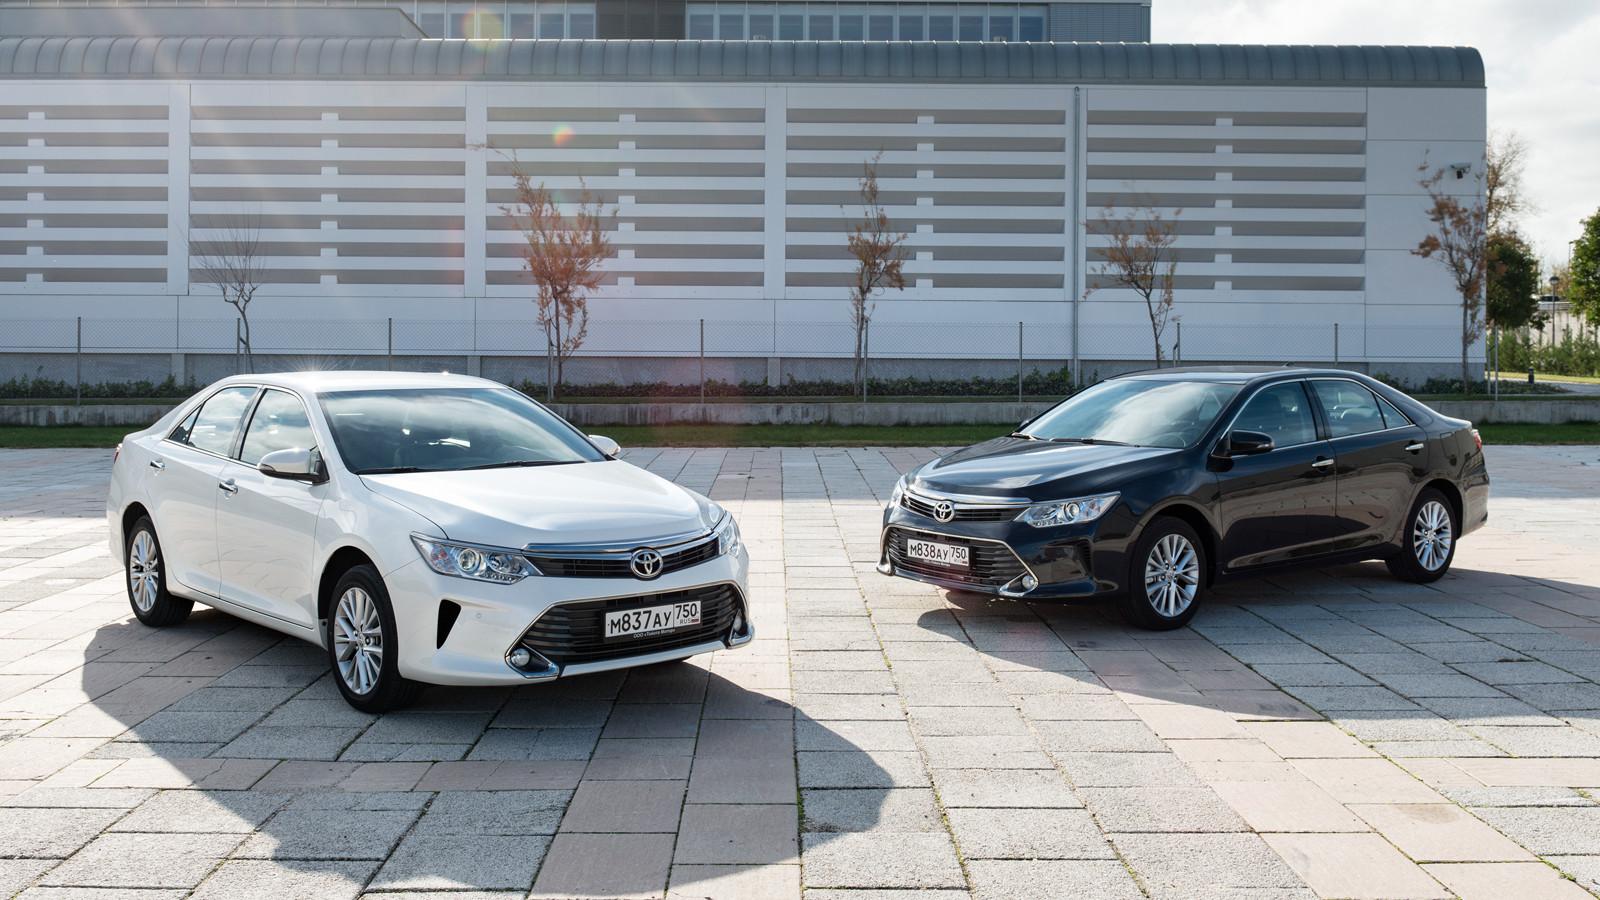 Toyota снизила рекомендованные цены на запчасти в России class=